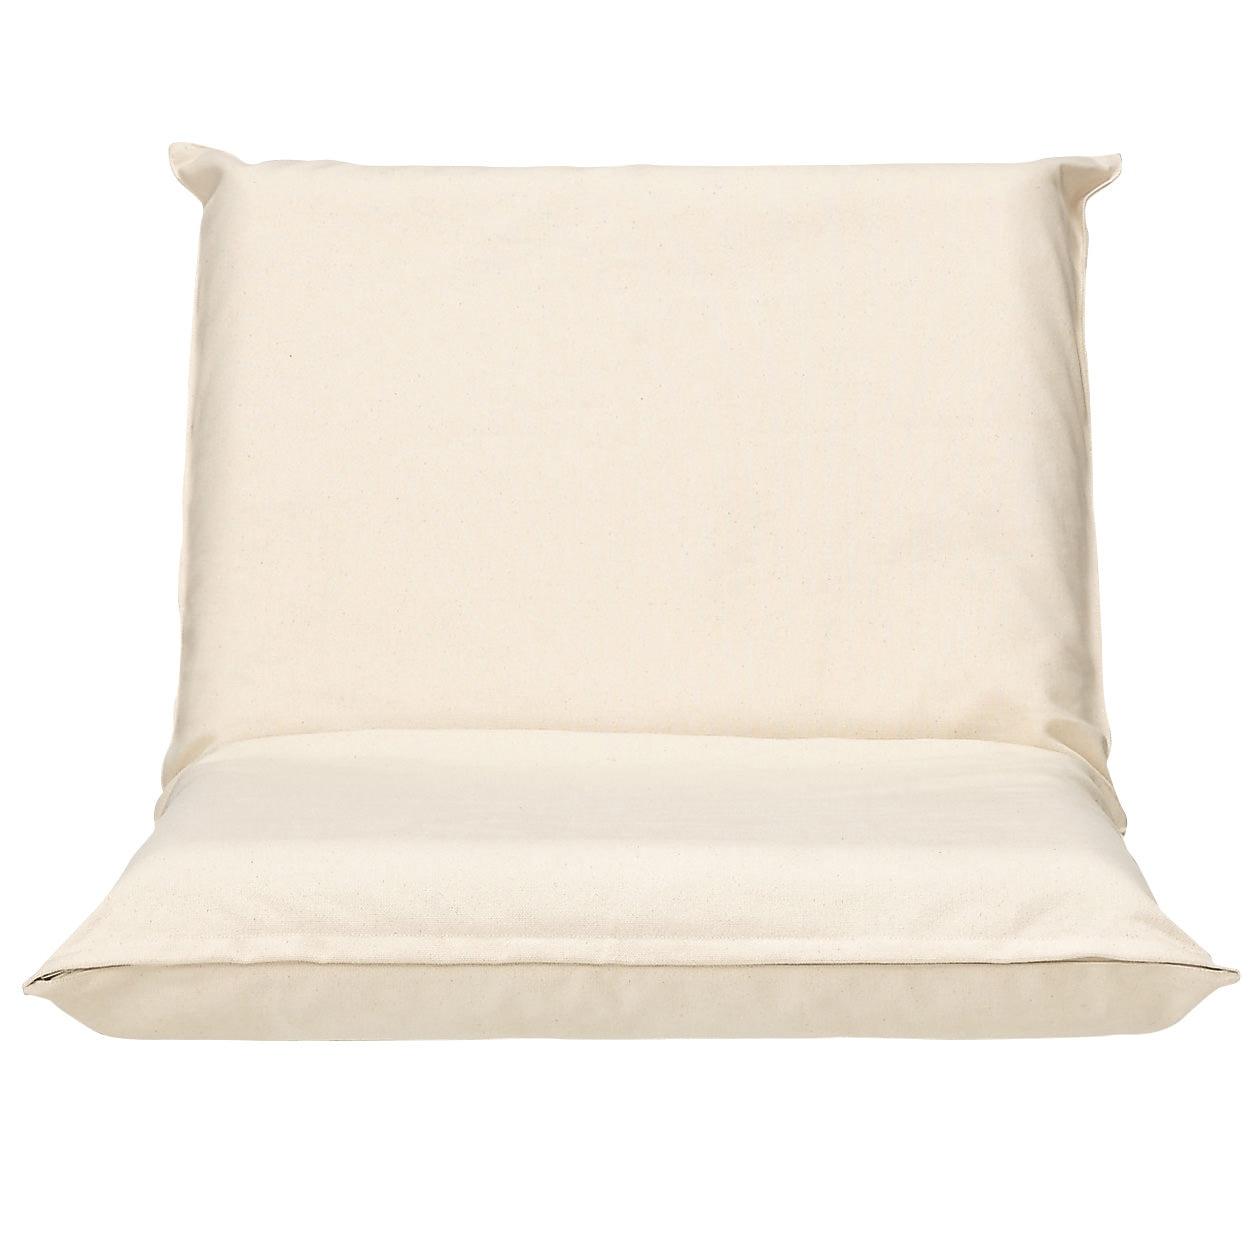 座いす小用カバー/綿帆布生成